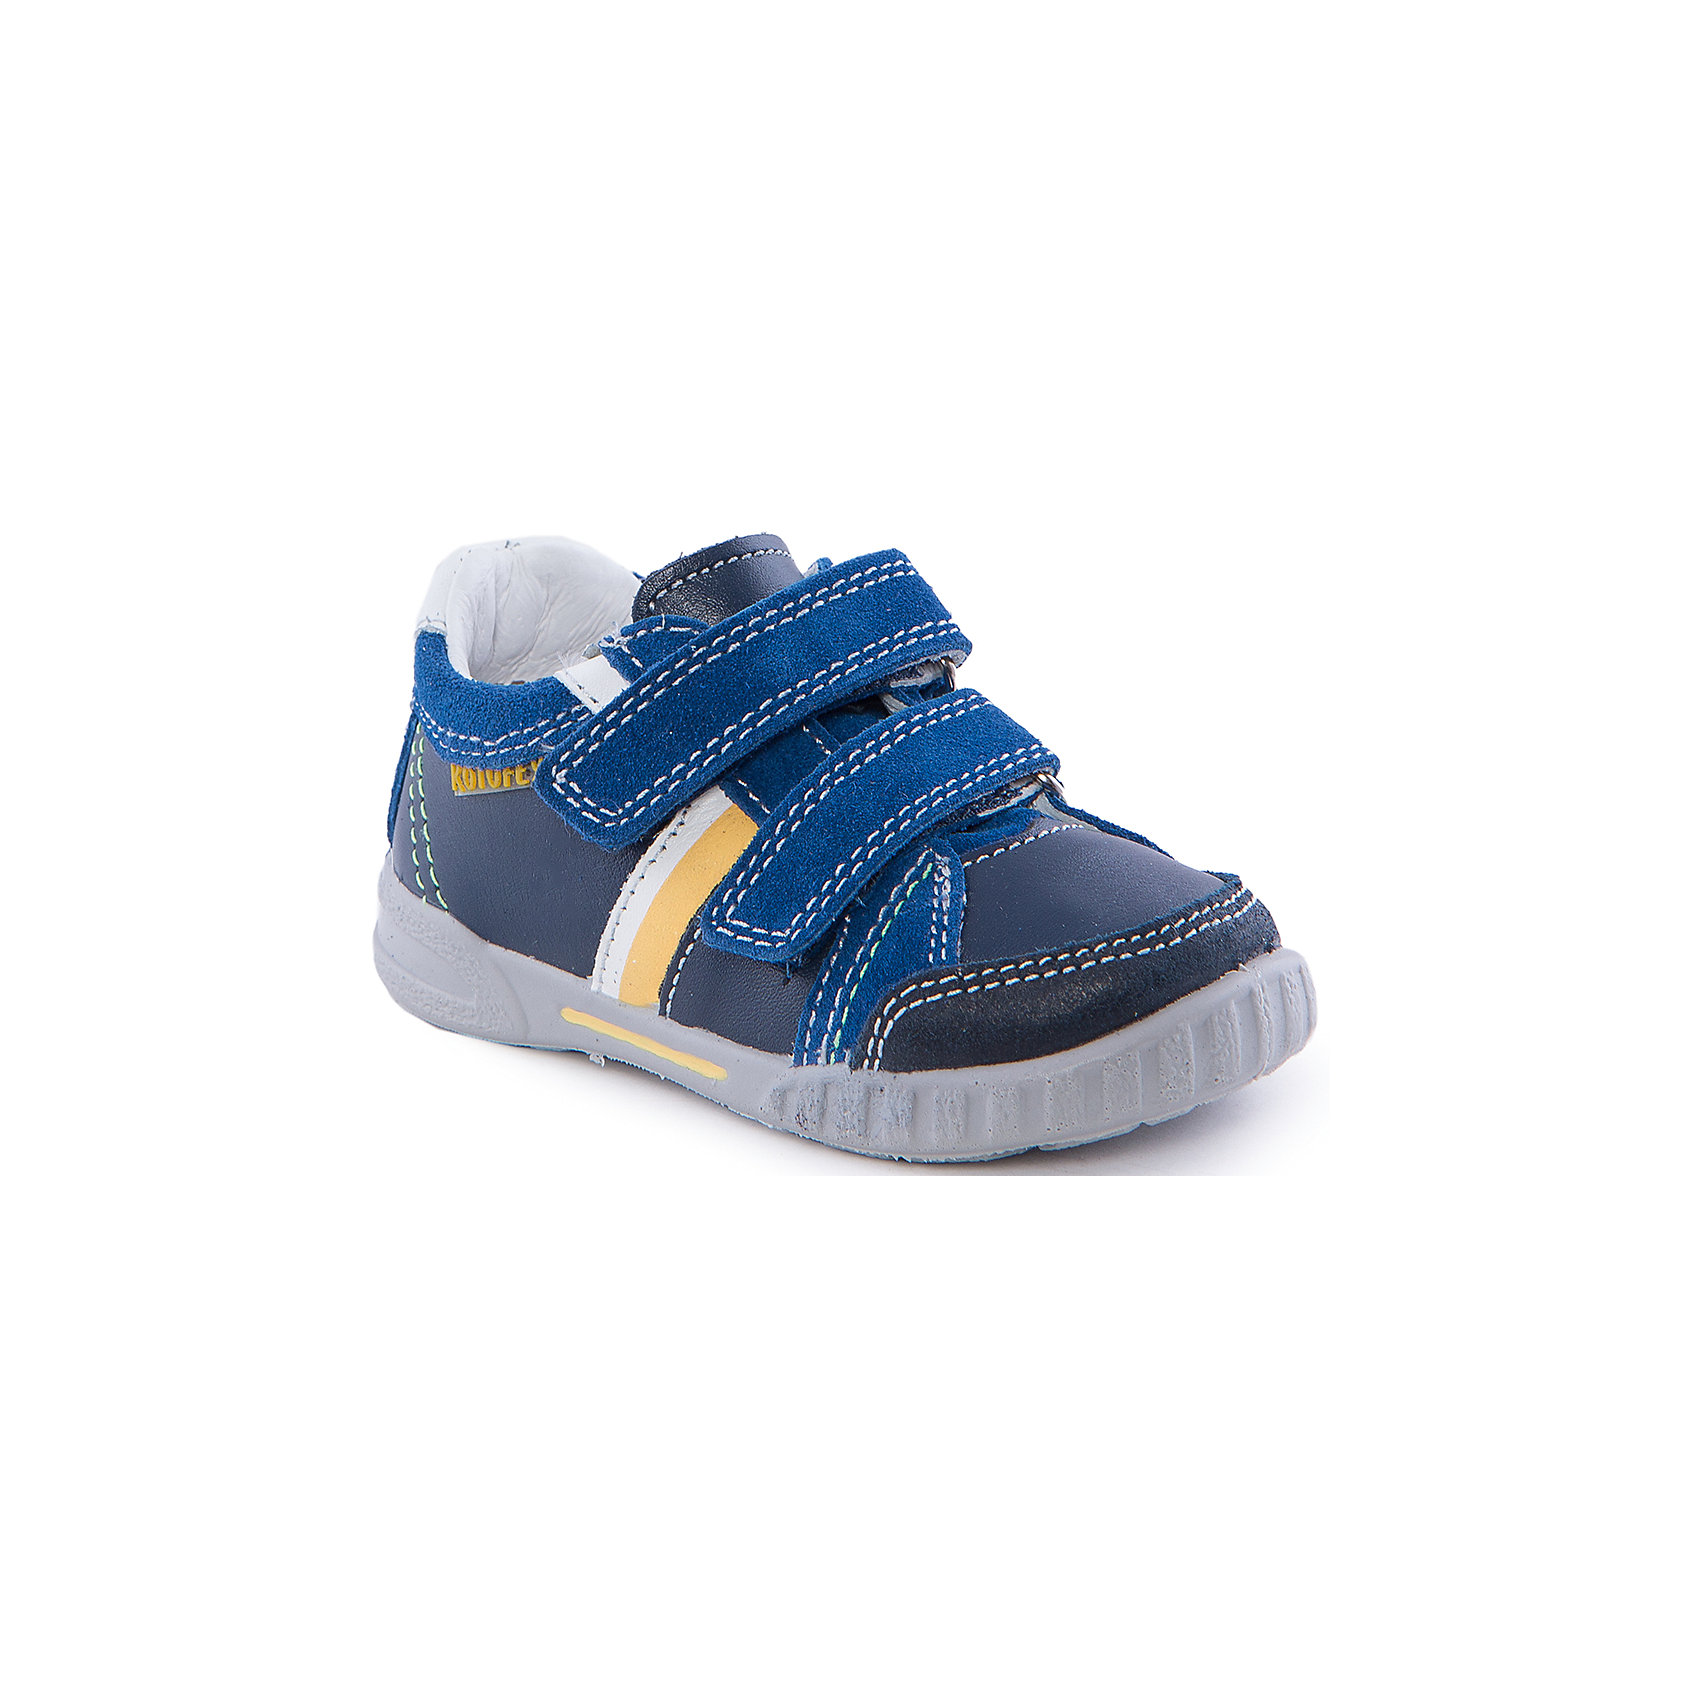 Полуботинки для мальчика КотофейПолуботинки для мальчика от популярной марки Котофей.<br>Красивые синие полуботинки для мальчика – это универсальная и практичная обувь. Они легко застегиваются благодаря липучкам, отлично прошиты. Сделаны из натуральной кожи.<br>Их отличительные особенности:<br>- модный дизайн;<br>- цвет синий с яркими вставками;<br>- комфортная колодка;<br>- устойчивая подошва;<br>- удобные застежки-липучки;<br>- материал – натуральная кожа.<br>Дополнительная информация:<br>- Температурный режим: от + 5° С  до + 25° С.<br>- Состав:<br>материал верха: натуральная кожа<br>материал подкладки: натуральная кожа<br>подошва: ПУ.<br>Полуботинки для мальчика Котофей можно купить в нашем магазине.<br><br>Ширина мм: 262<br>Глубина мм: 176<br>Высота мм: 97<br>Вес г: 427<br>Цвет: синий<br>Возраст от месяцев: 12<br>Возраст до месяцев: 15<br>Пол: Мужской<br>Возраст: Детский<br>Размер: 21,28,26,22,23,24,25,27<br>SKU: 4206739